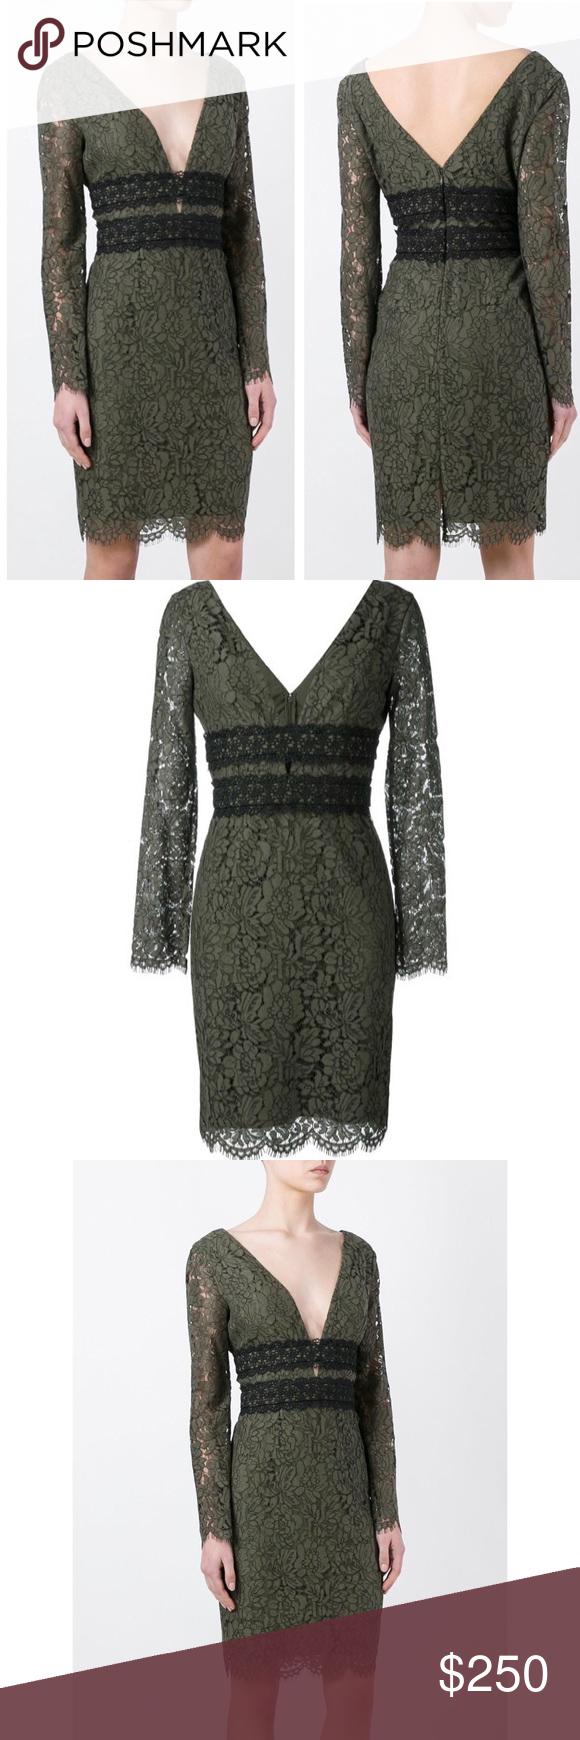 Dvf diane von furstenberg deep vneck lace dress in my posh